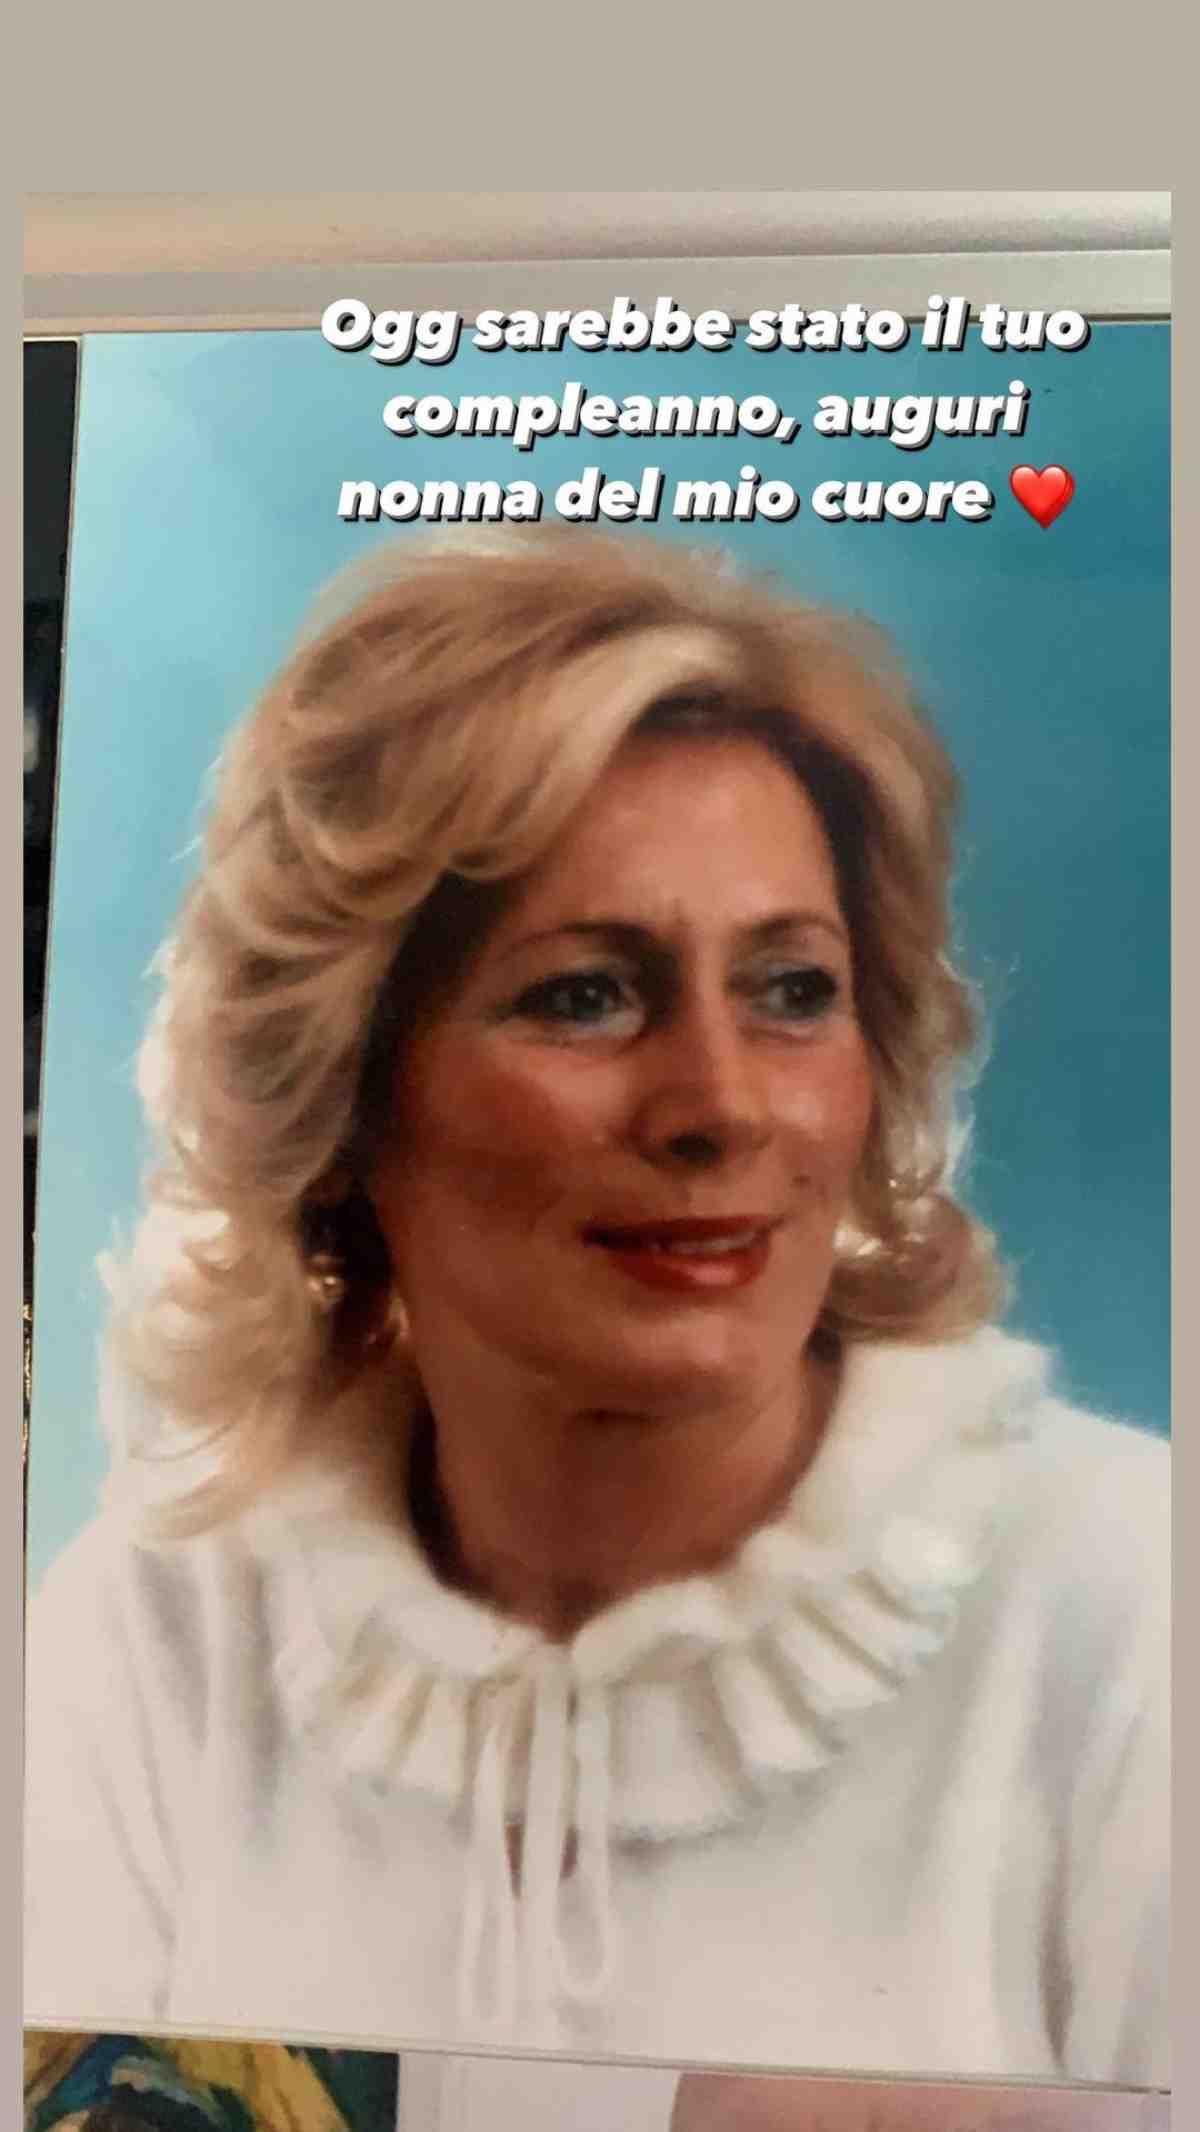 Nonna Chiara Ferragni (Instagram)